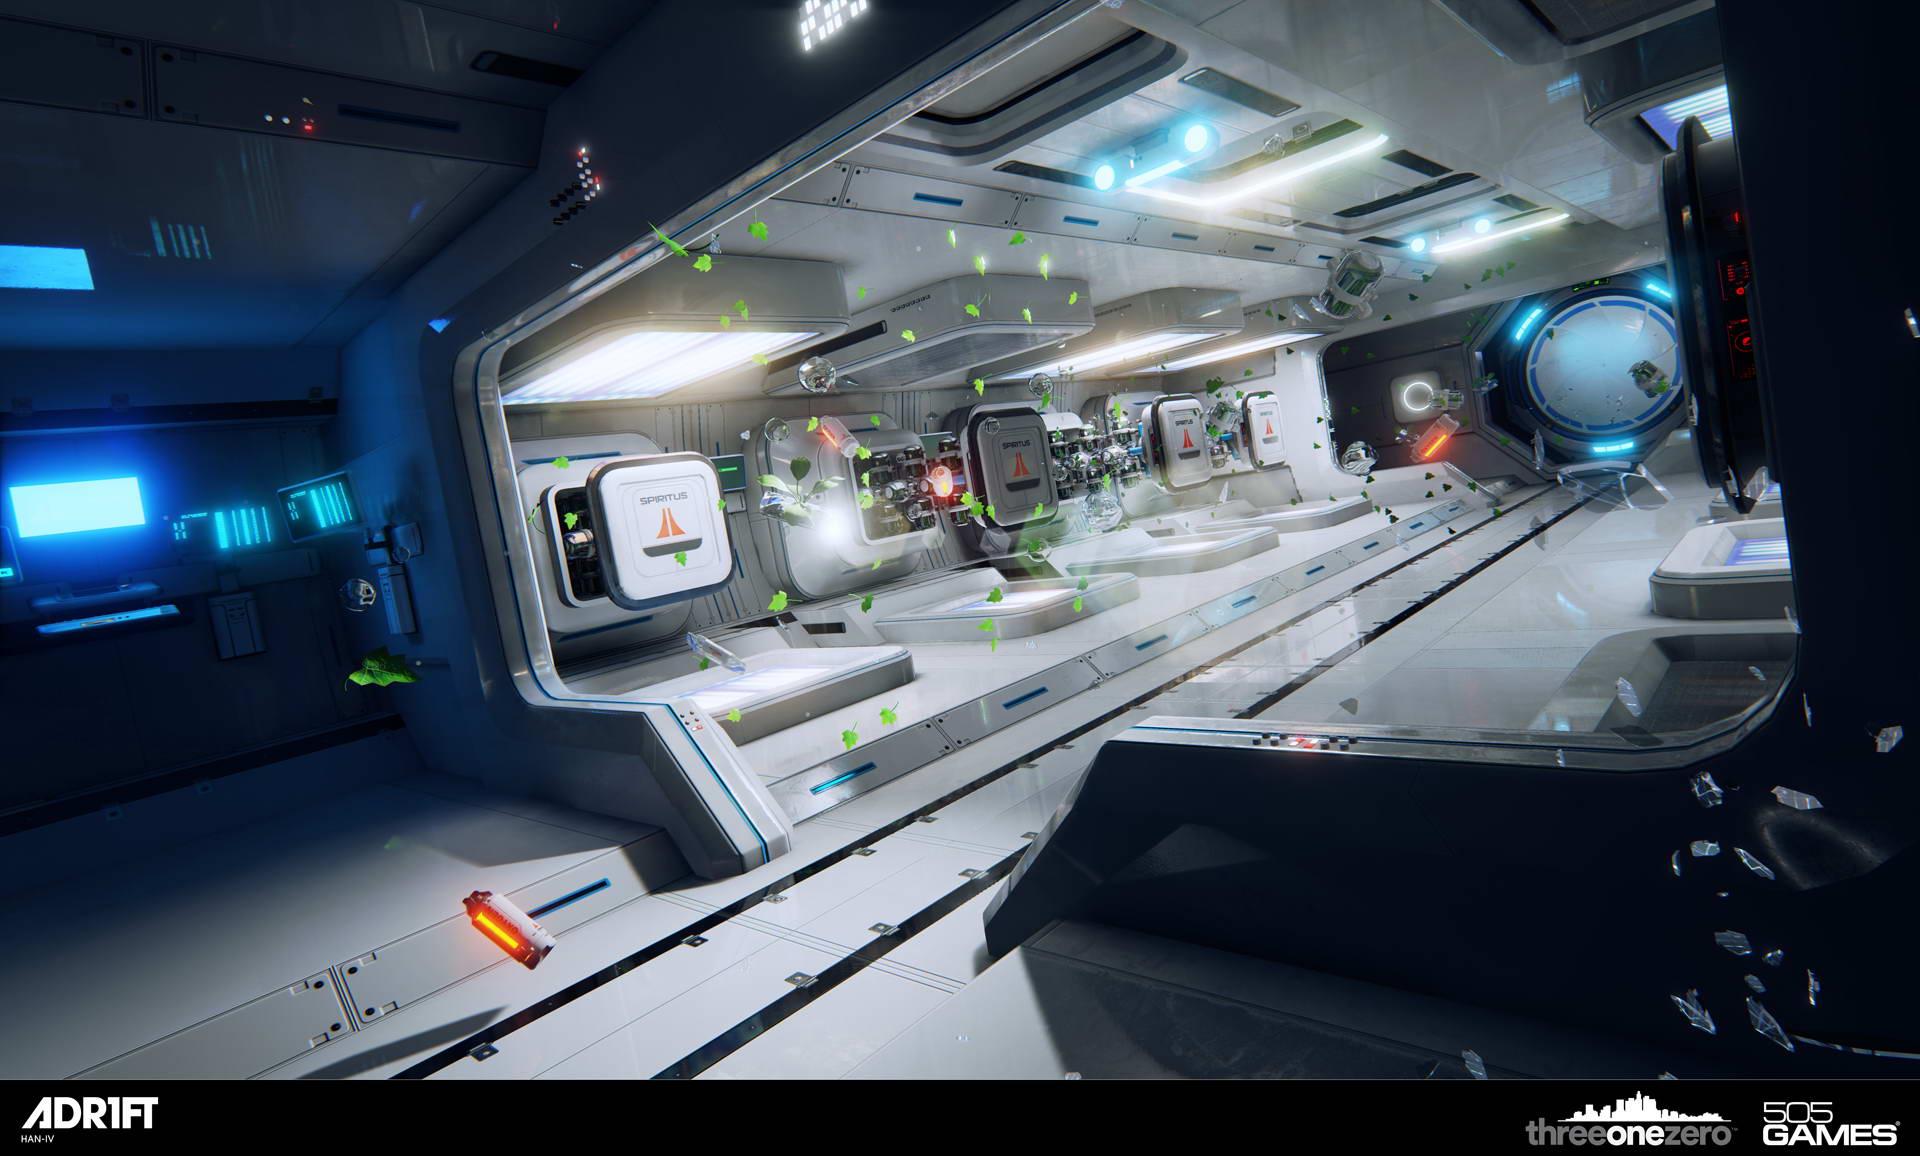 Скриншот ADR1FT